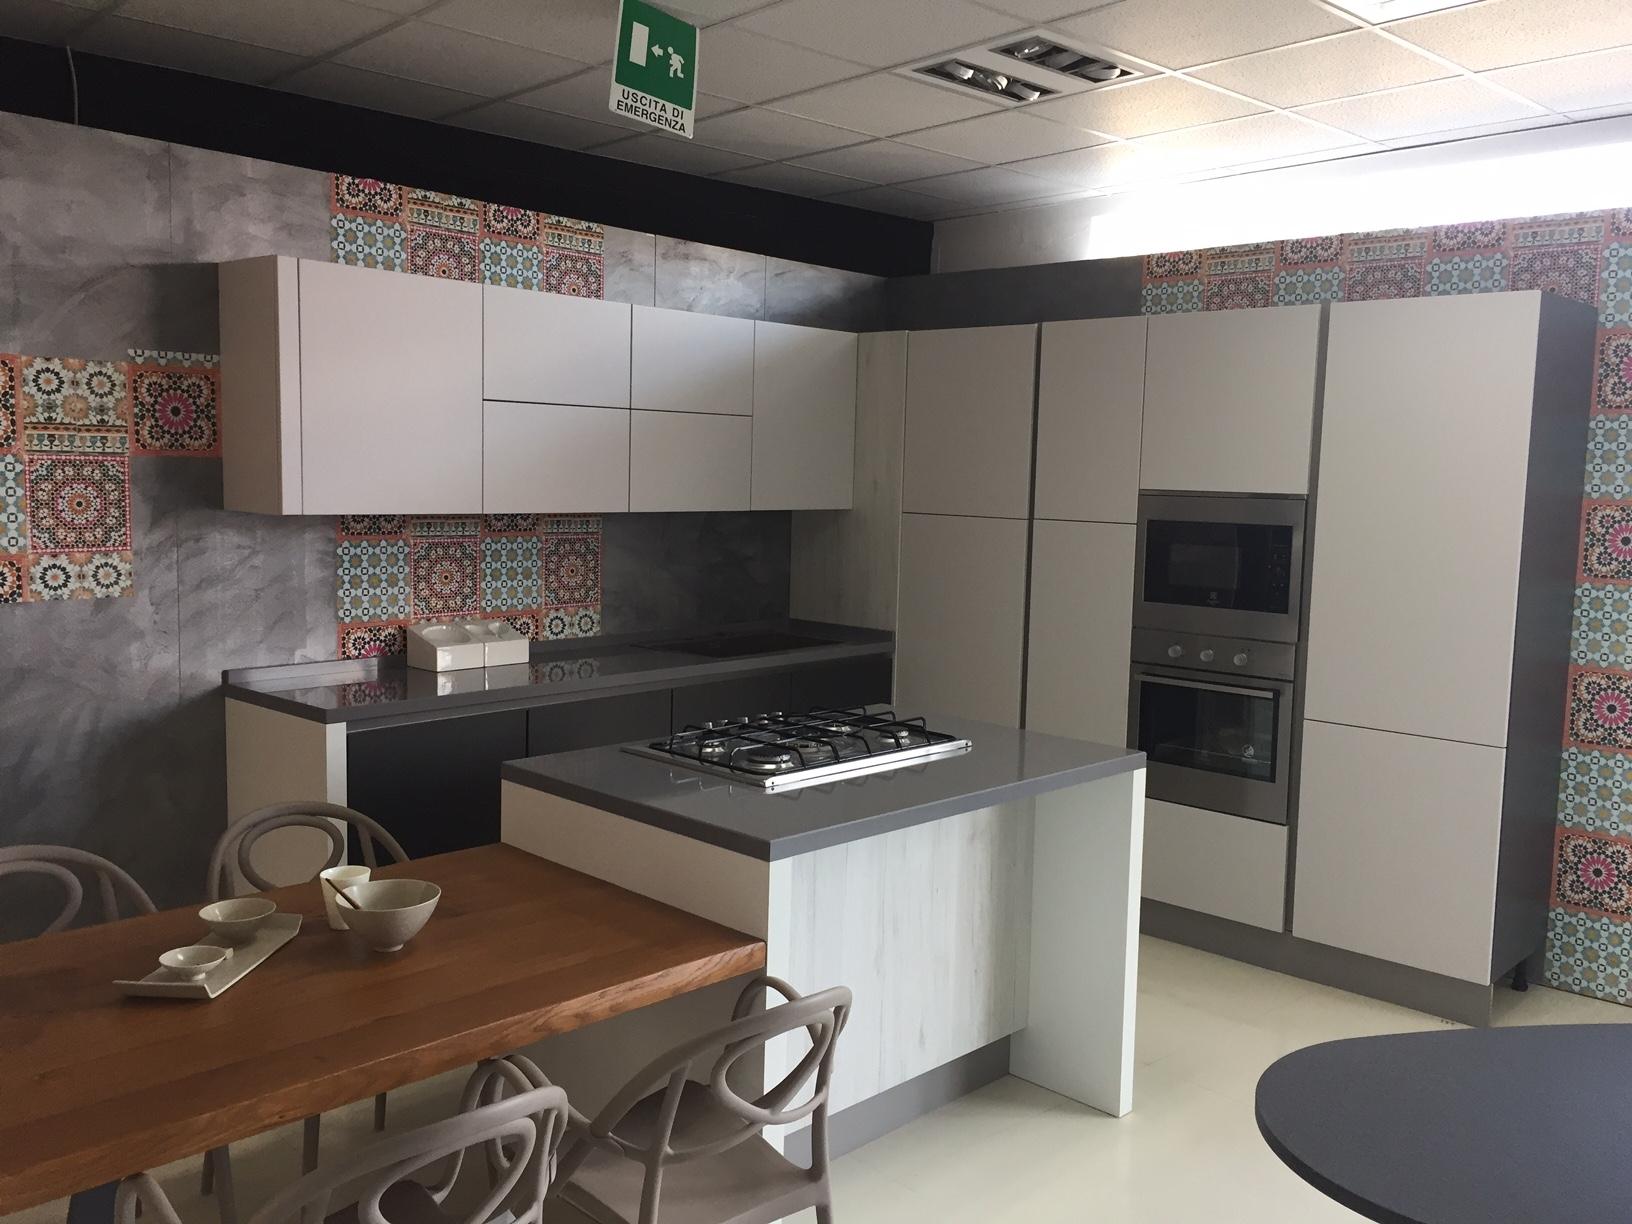 Cucina ad angolo astra cucine scontato del 53 cucine - Cucine con forno ad angolo ...